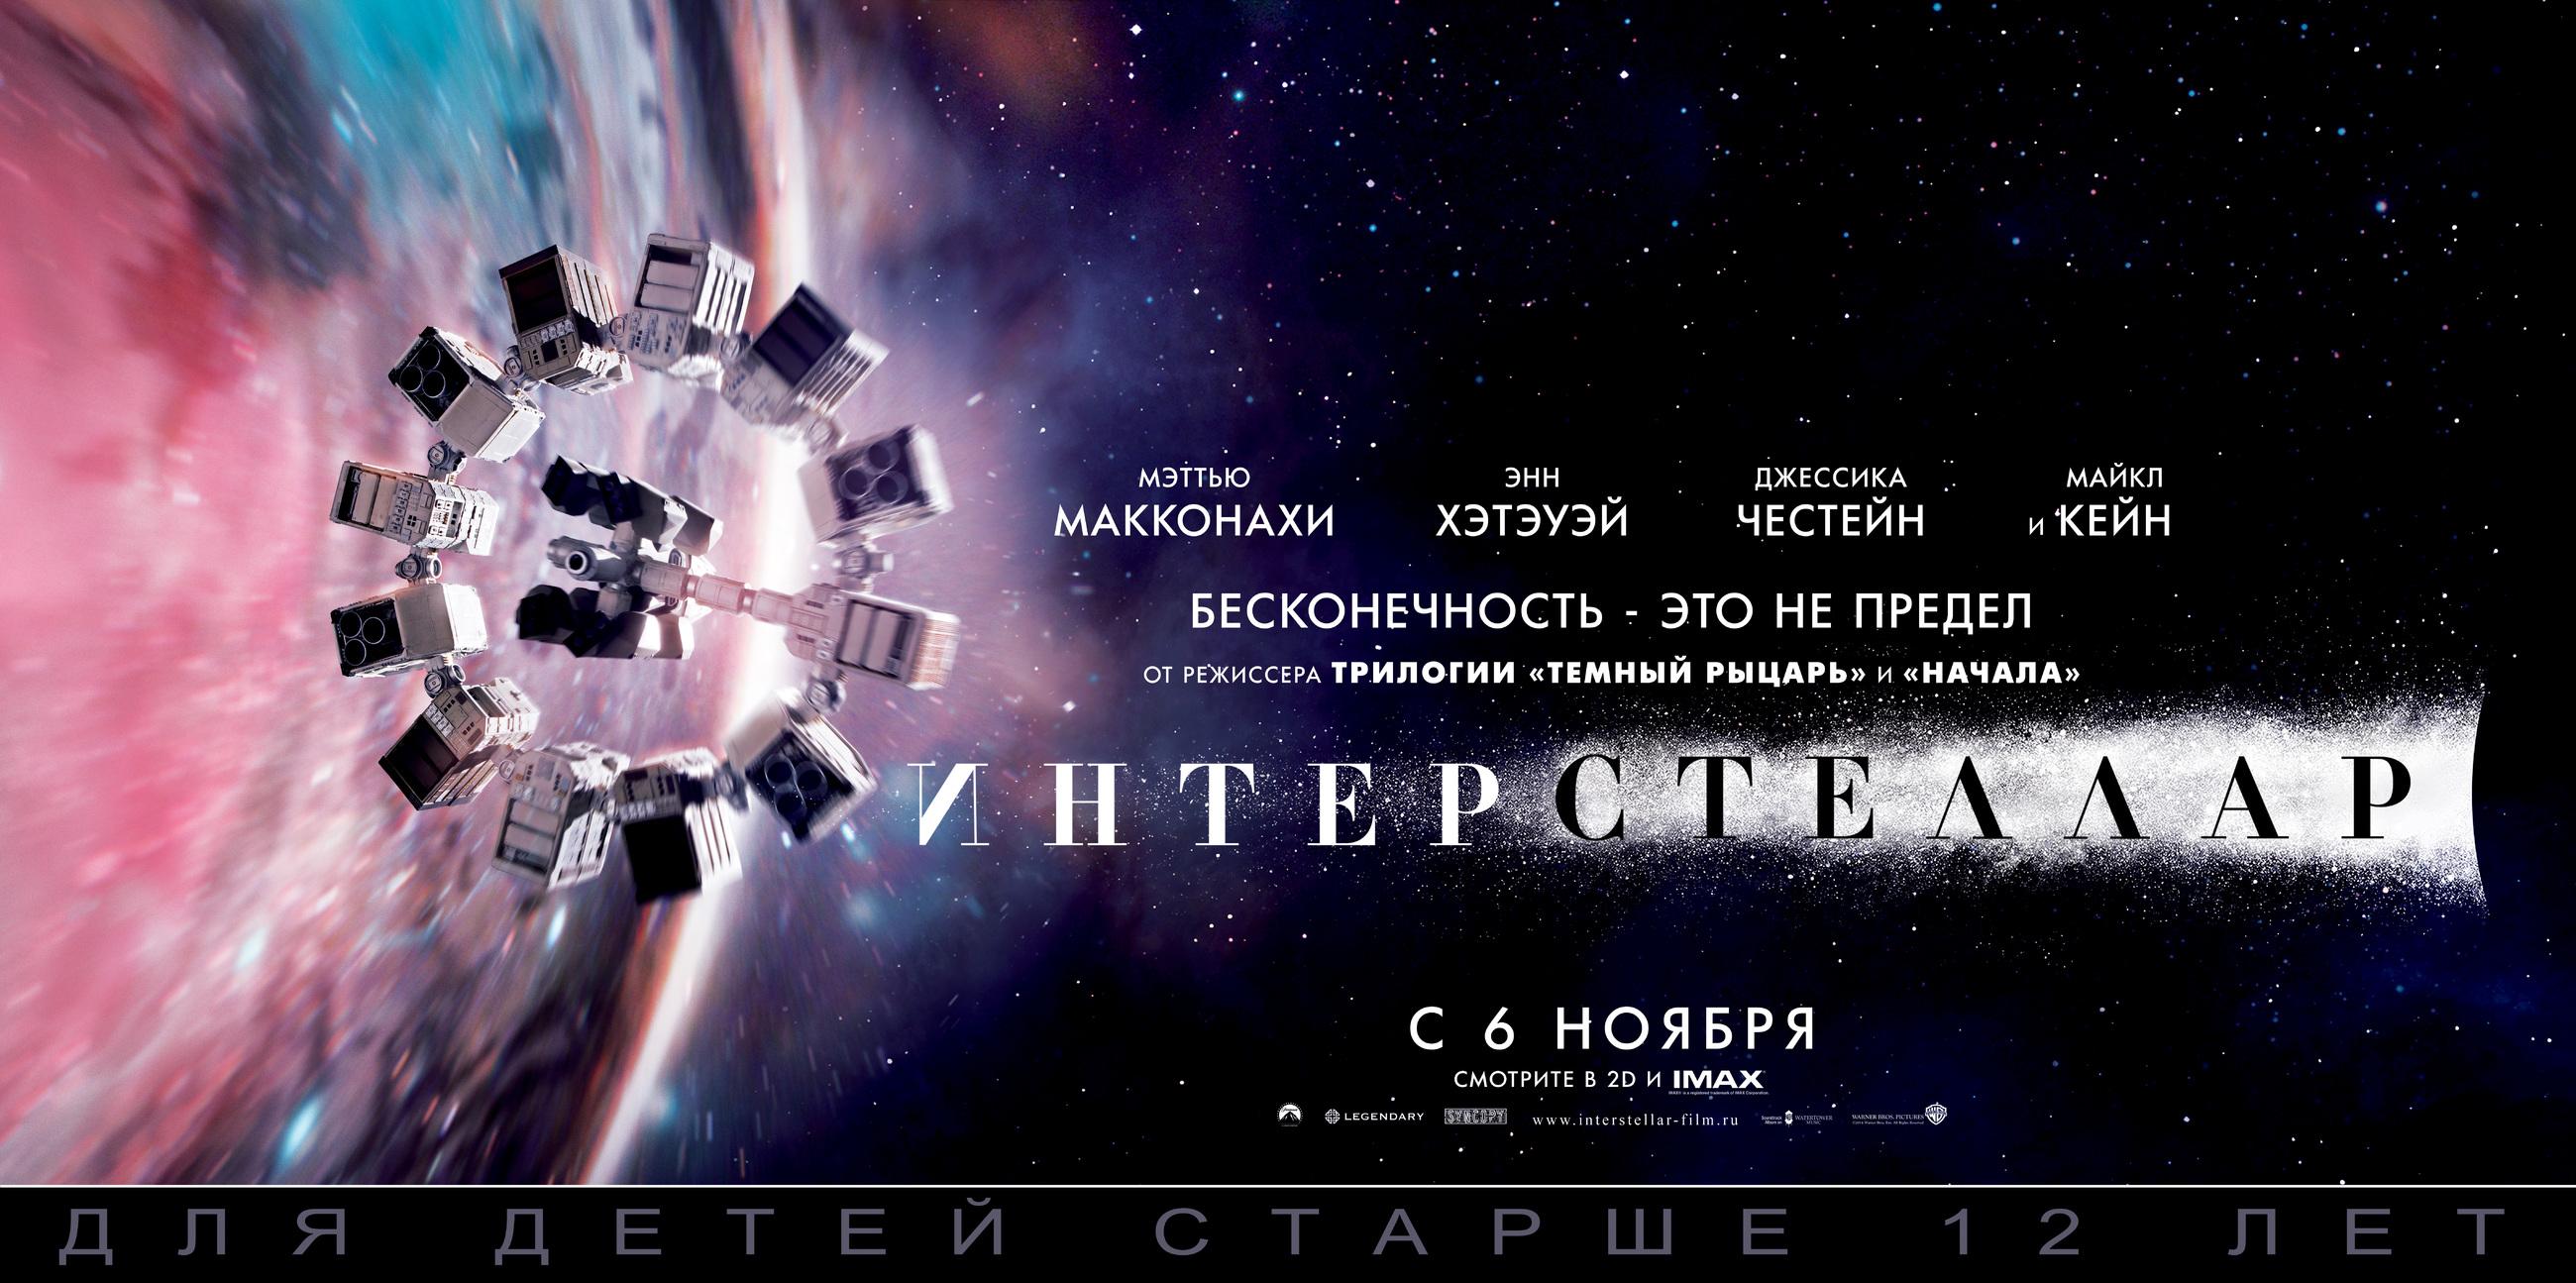 плакат фильма баннер локализованные Интерстеллар